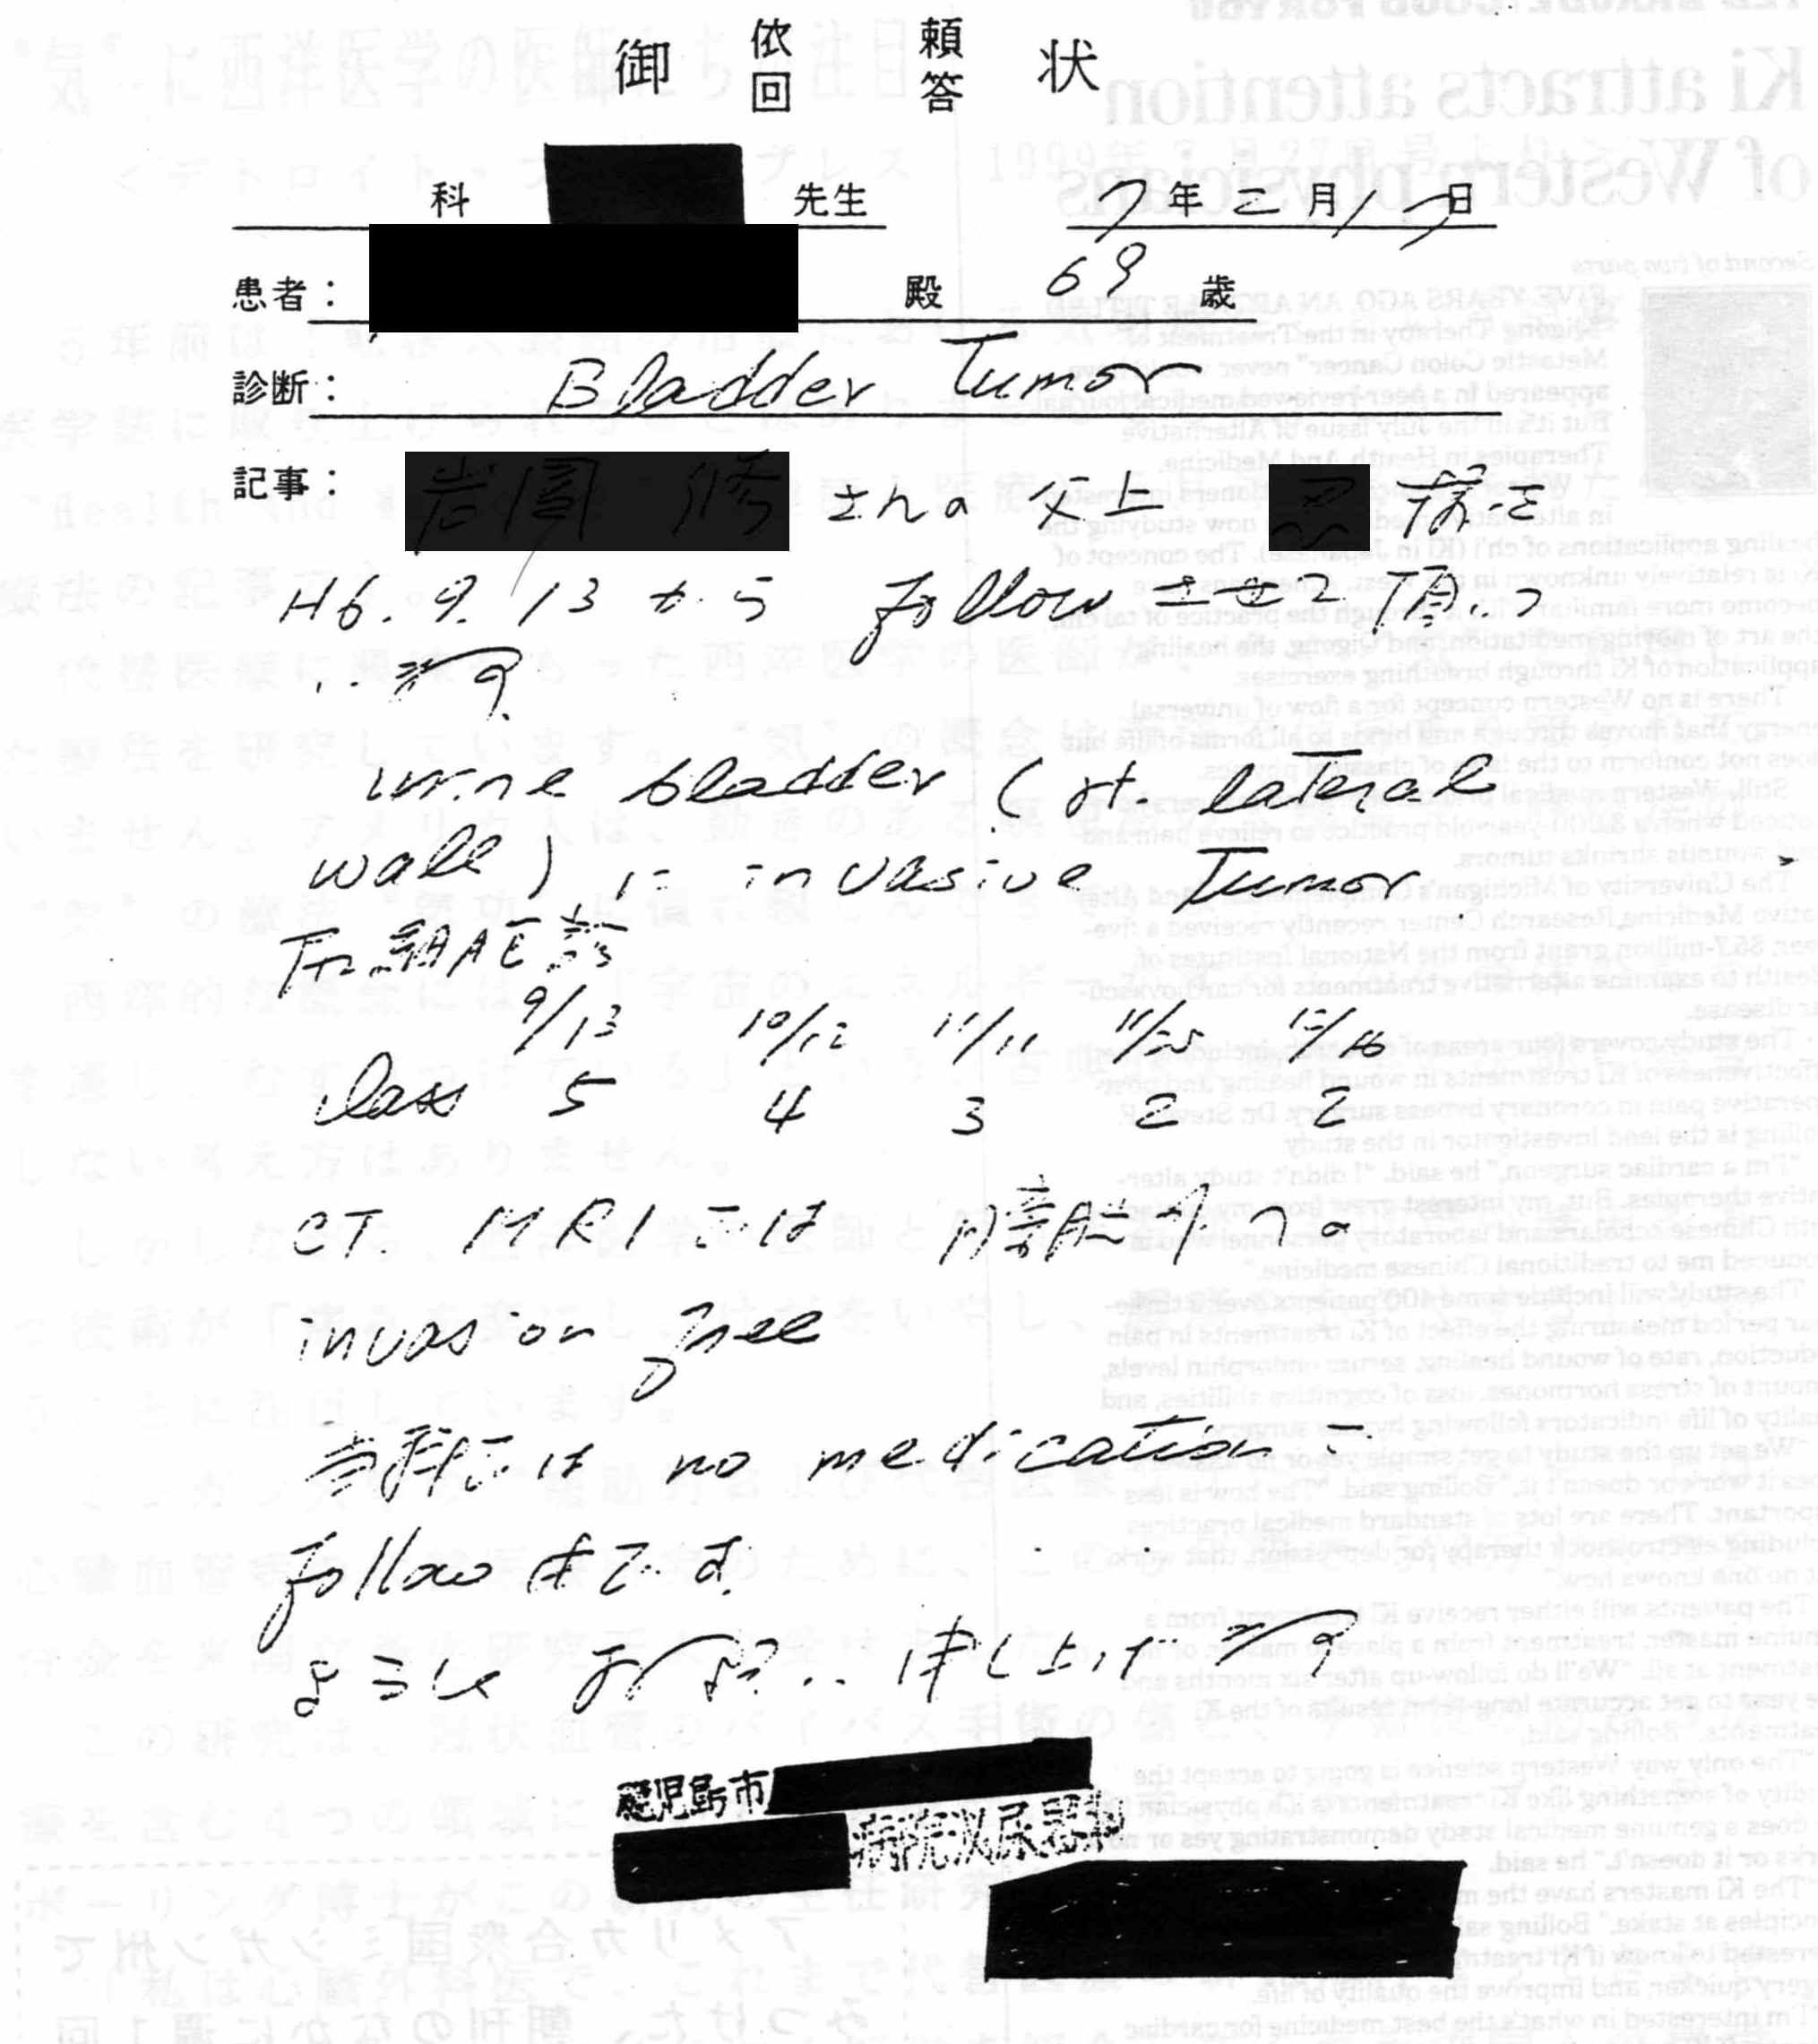 気功会報:膀胱癌患者が回復している検査結果を書いた回答状